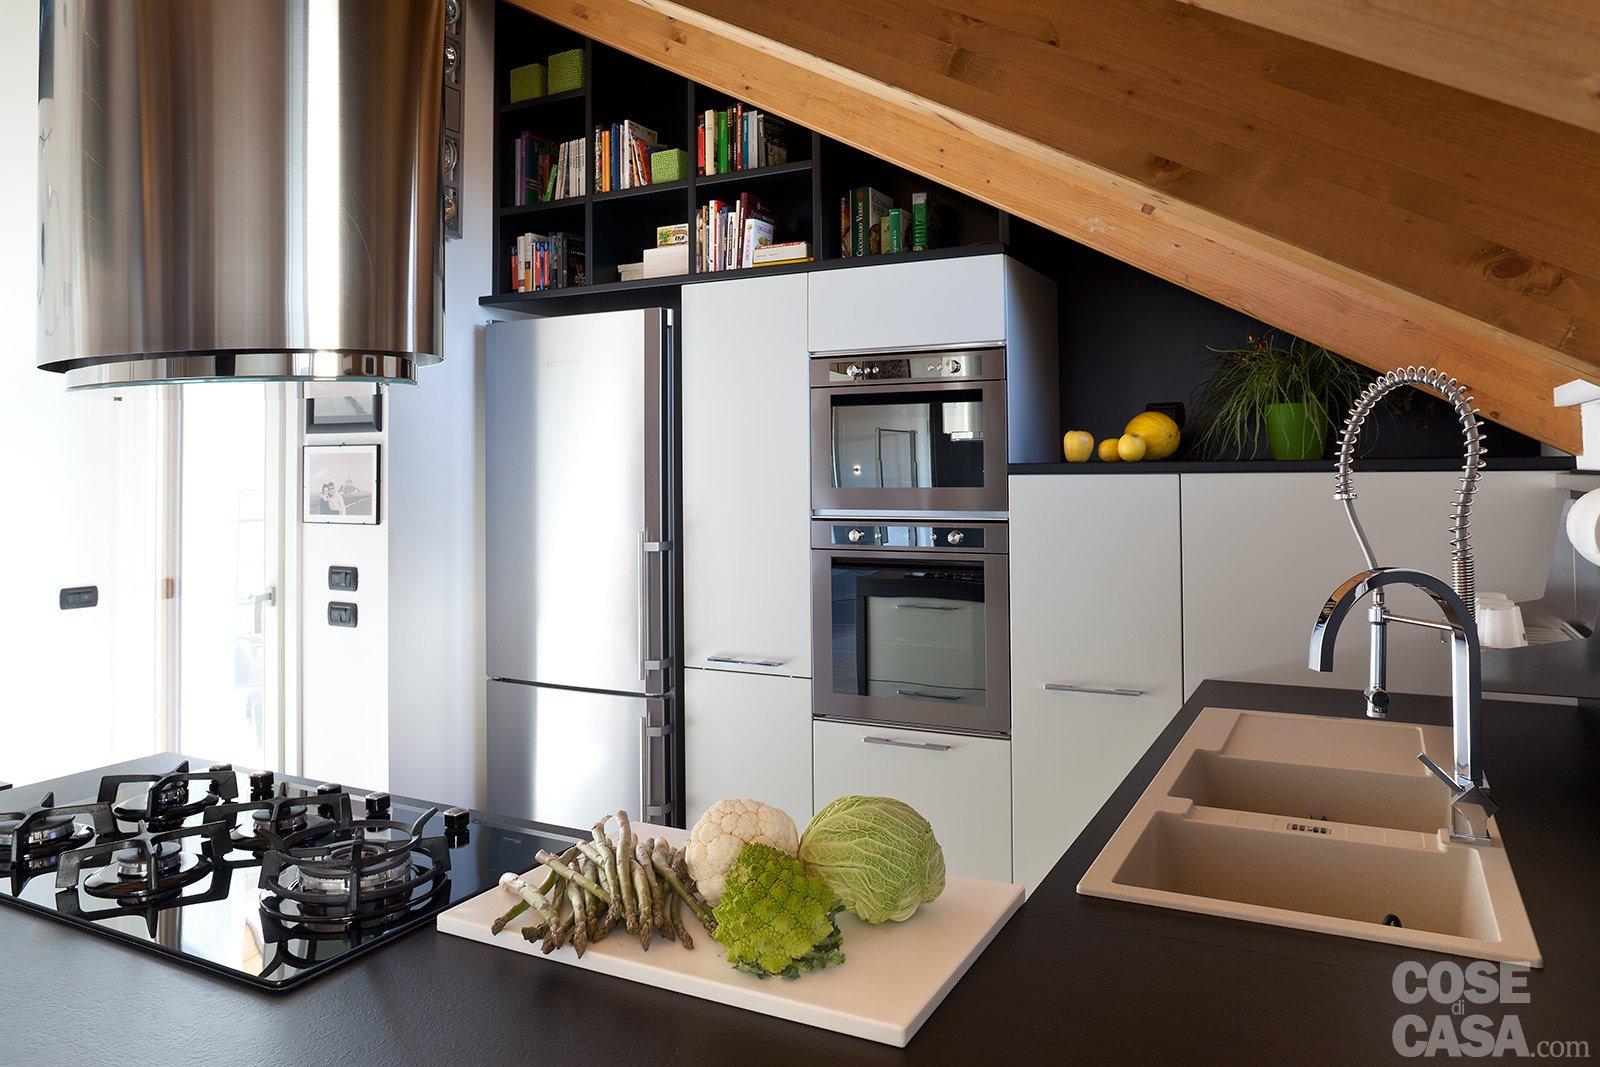 Casabook immobiliare 90 10 mq per una casa che sfrutta - Cucina con soppalco ...